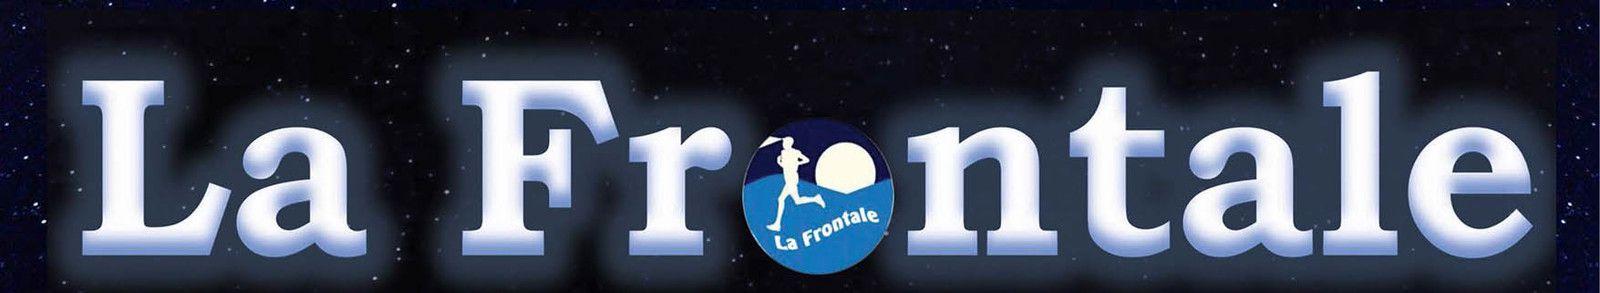 [11/01/2020] La Frontale